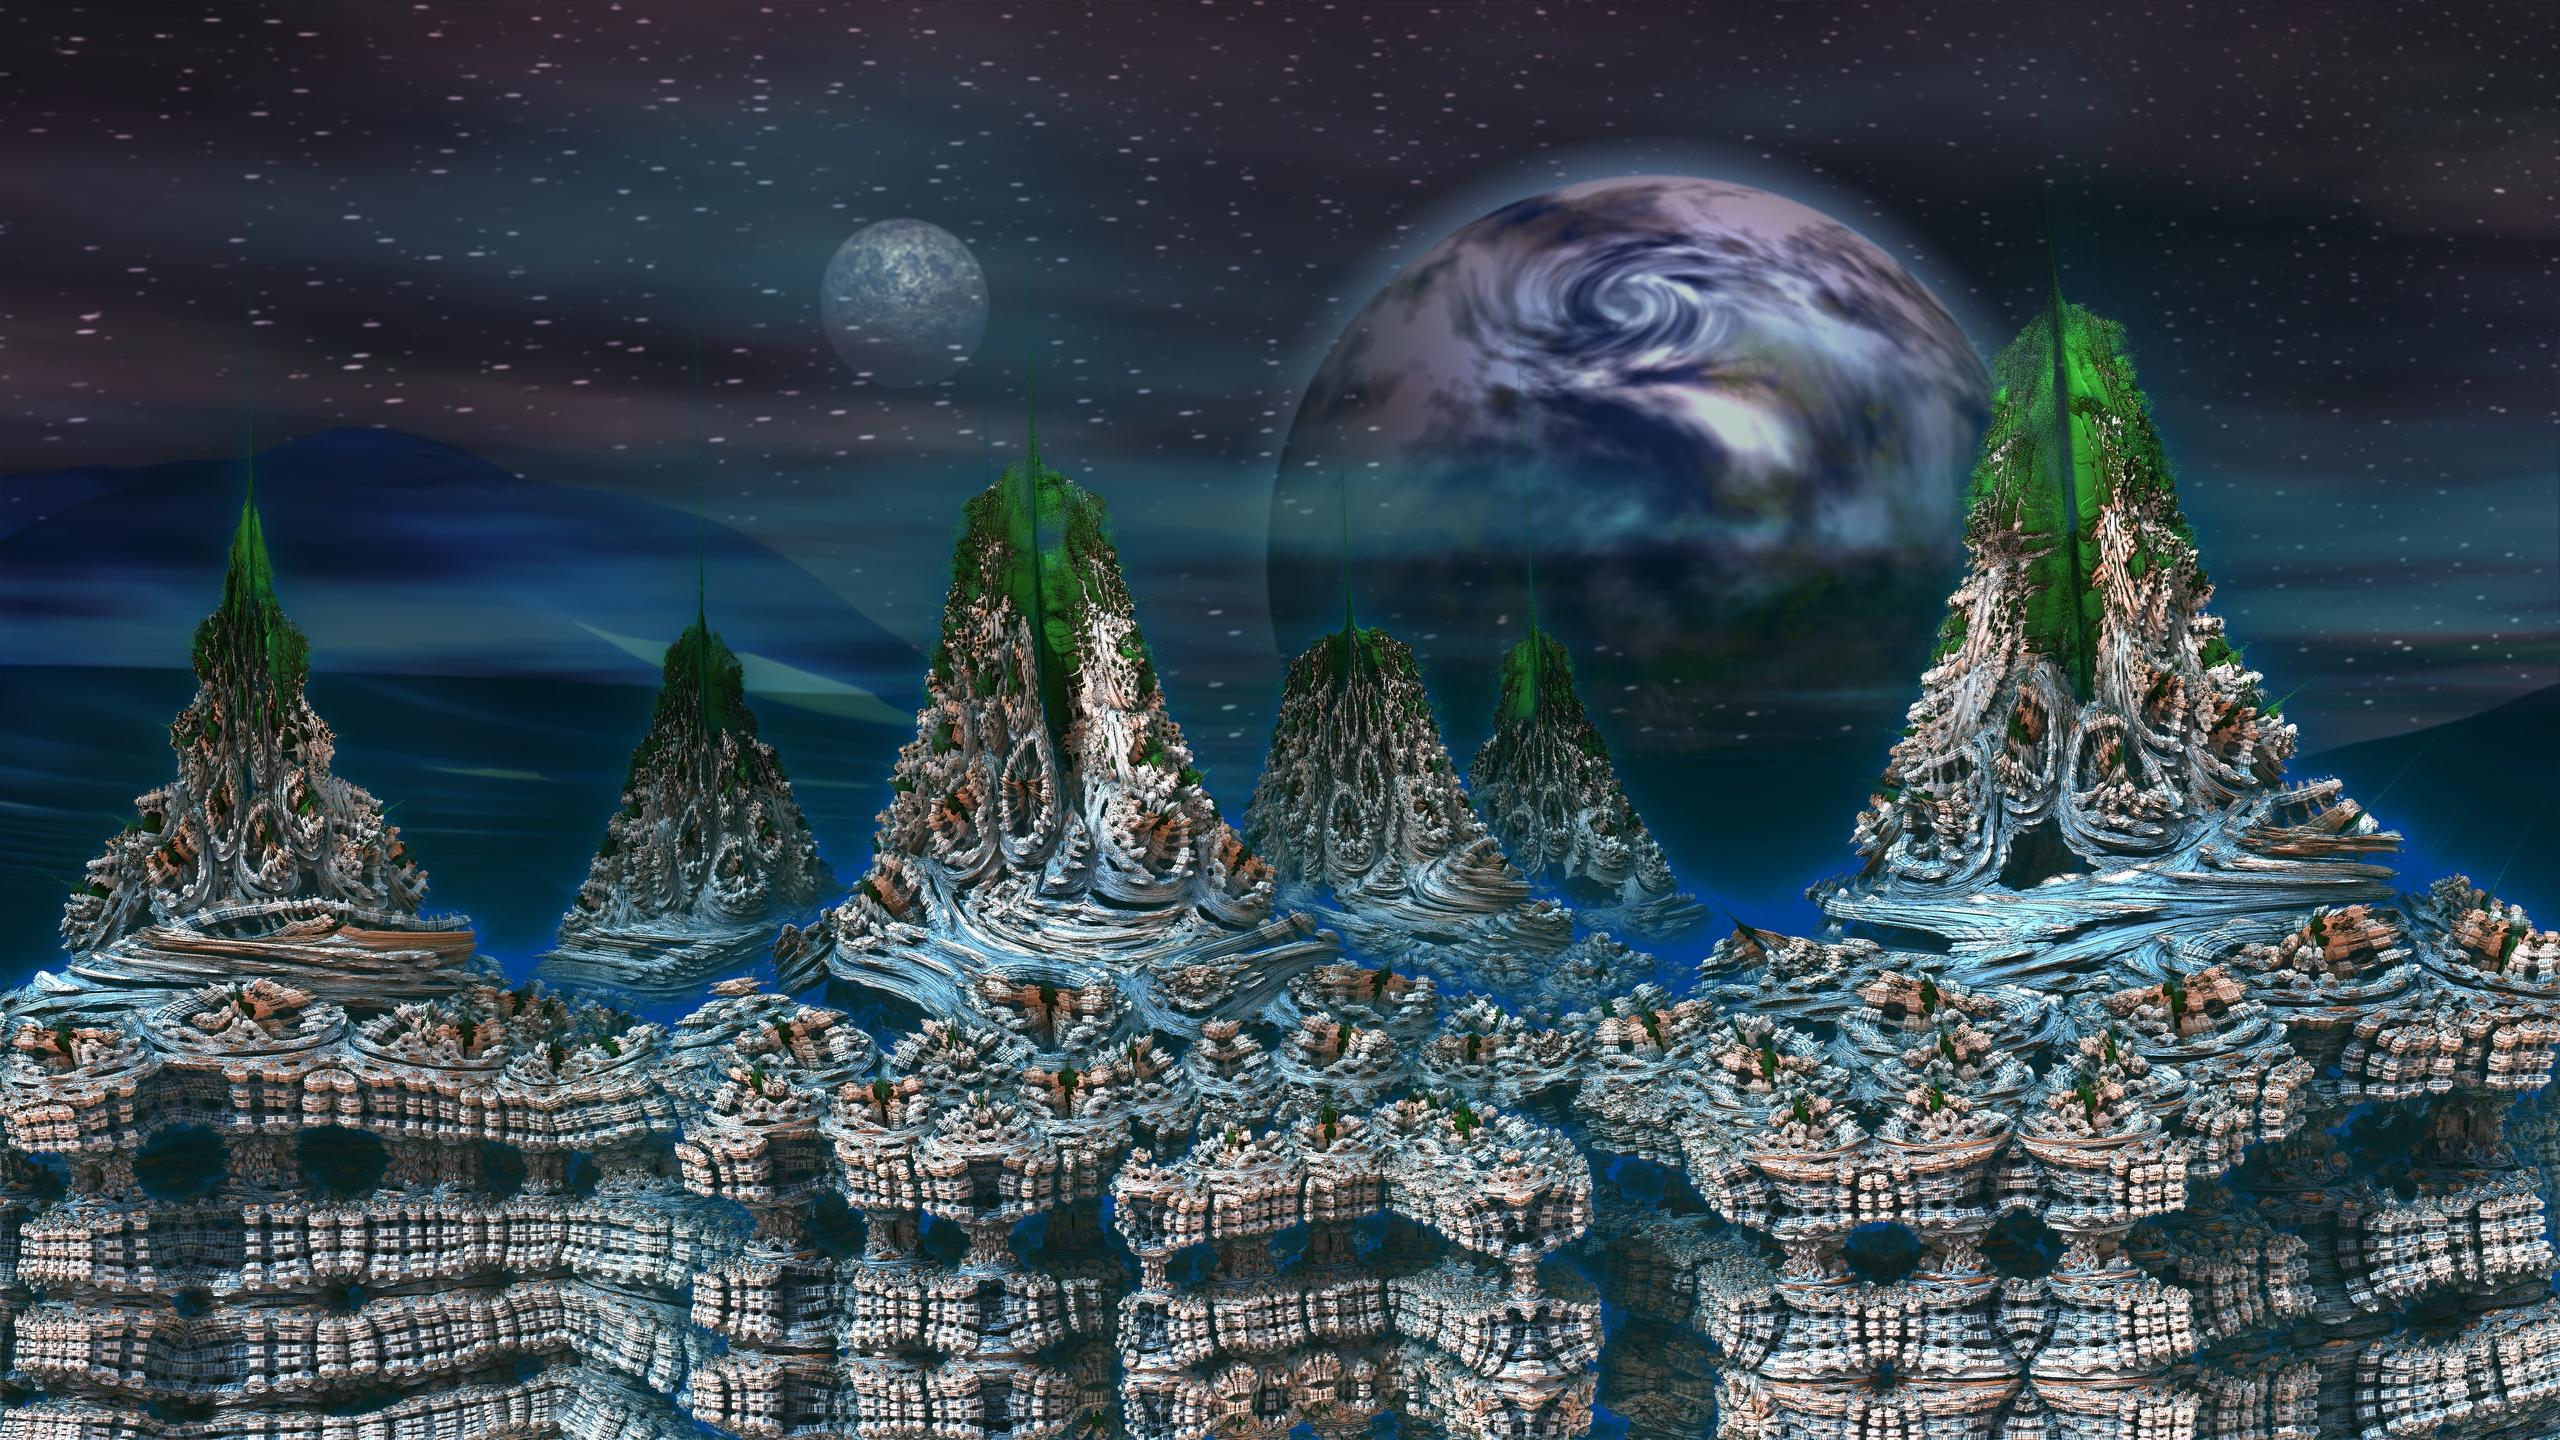 Alien Civilizations by Topas2012